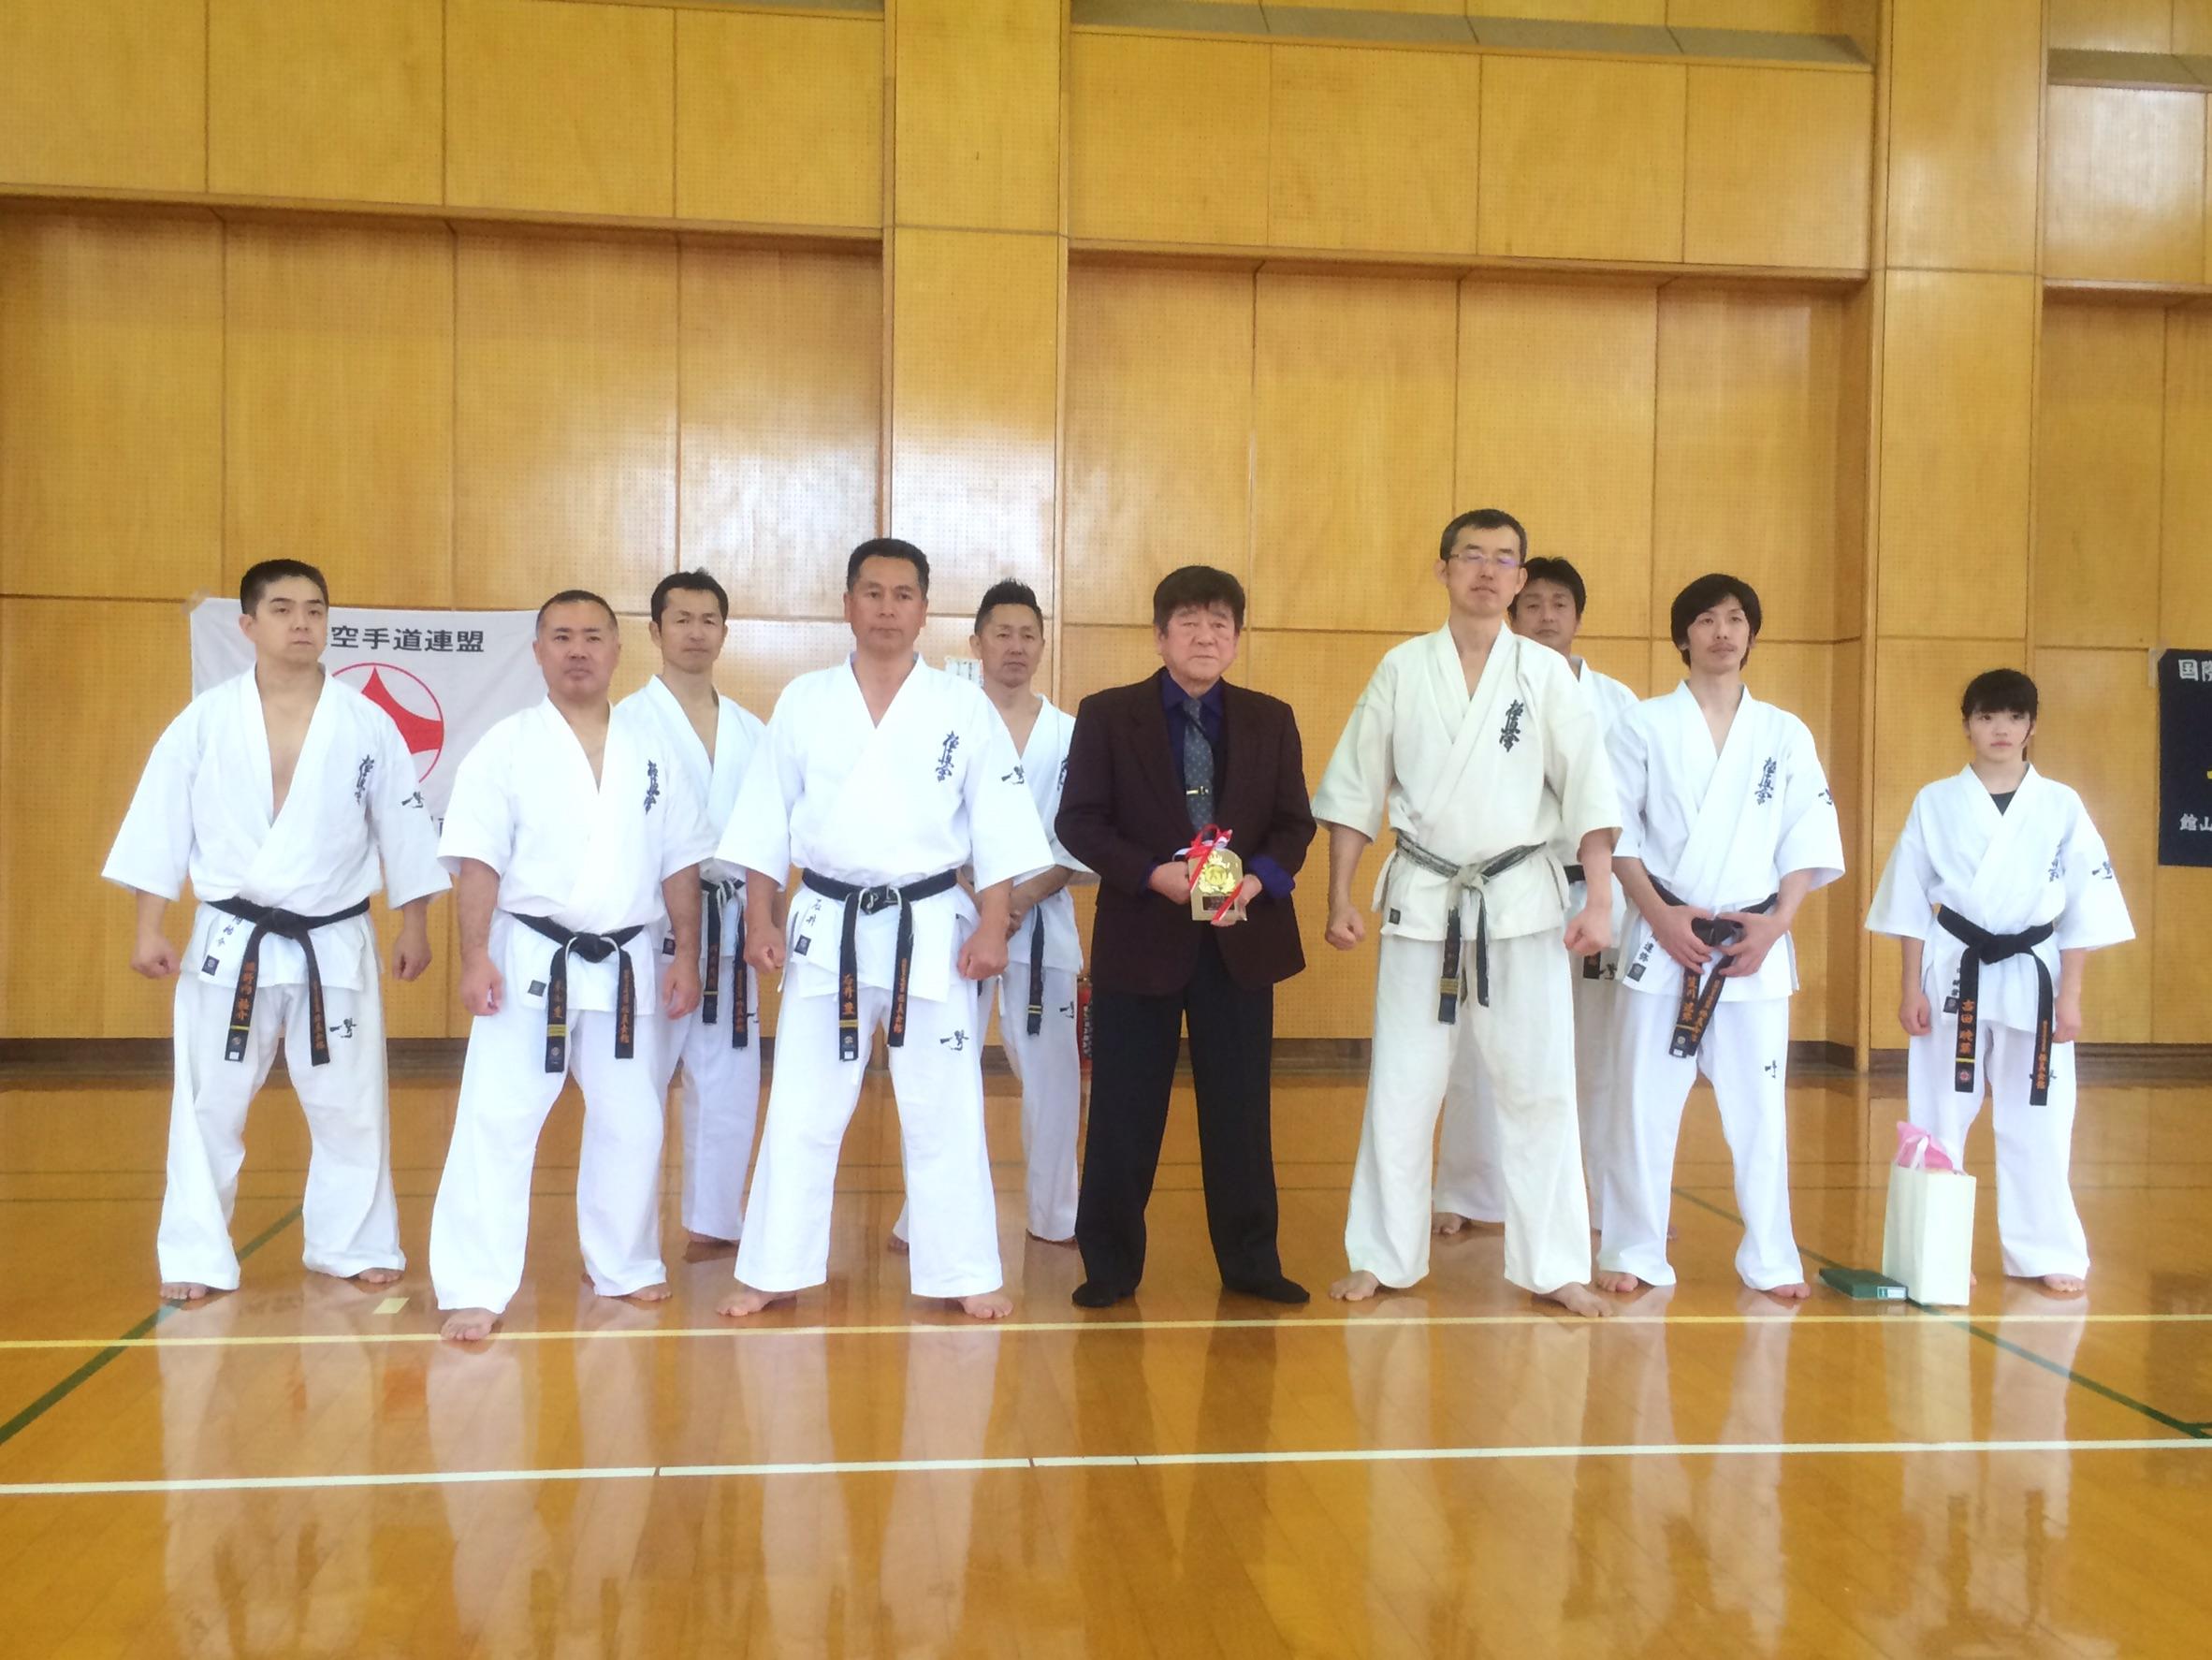 http://www.kyokushin-chibaminami.com/images/1485141760519.jpg